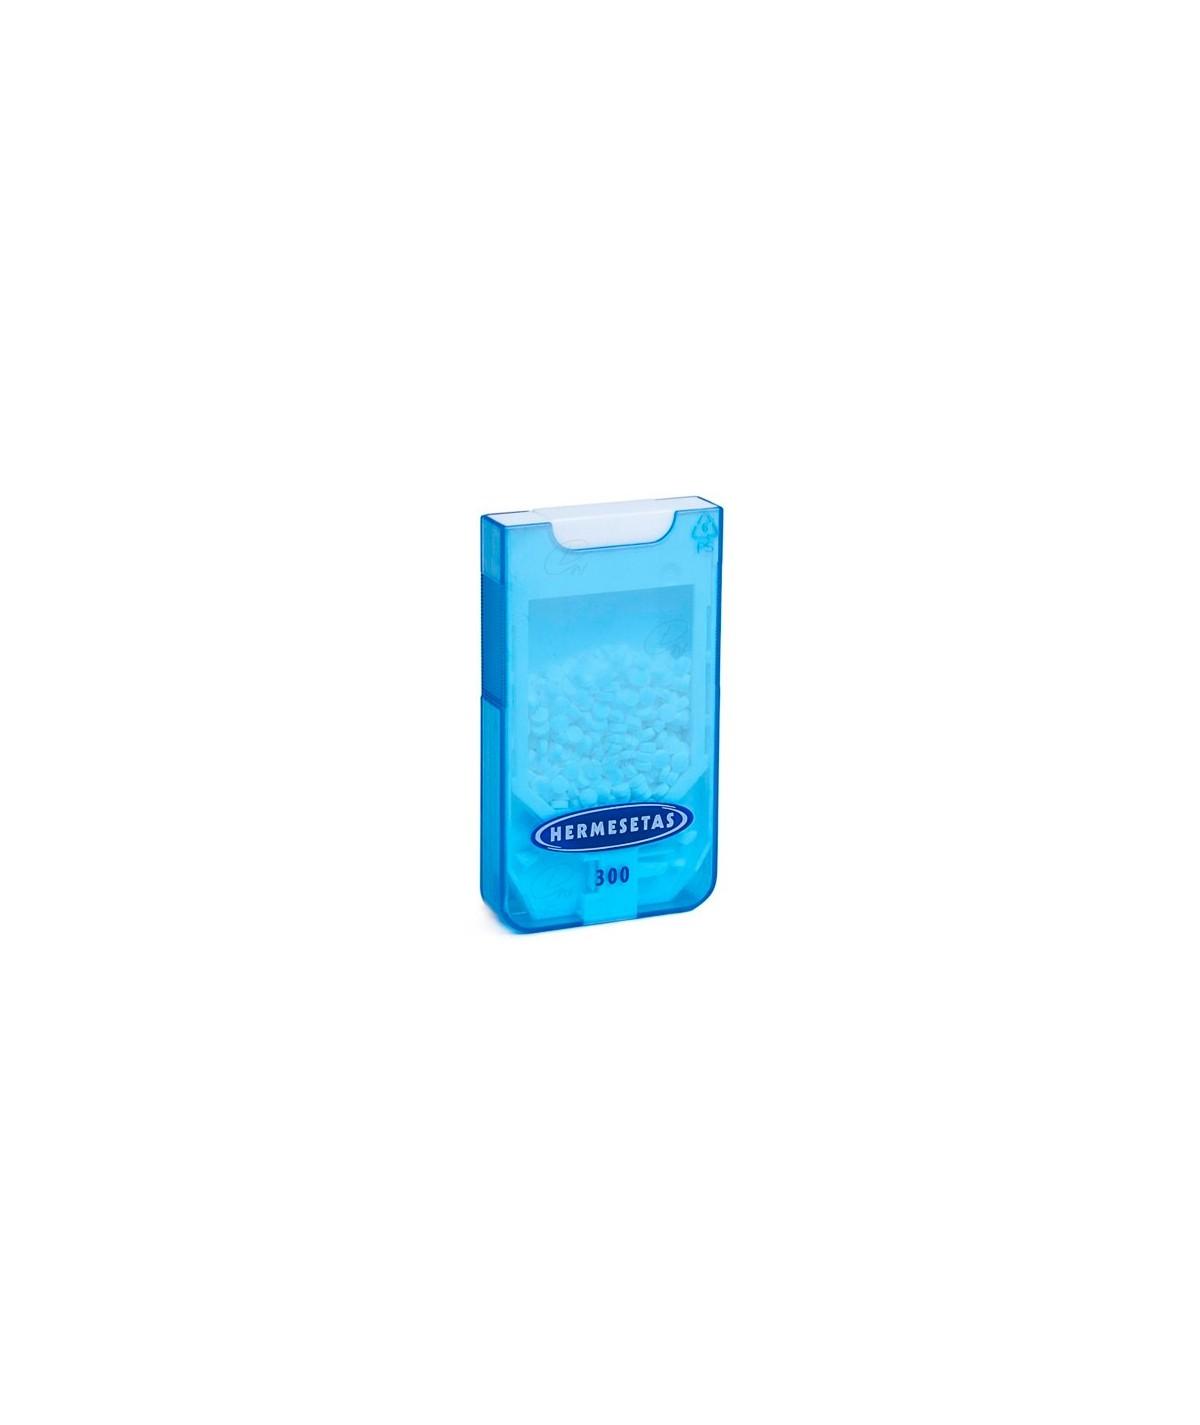 HERMESETAS ORIGINAL 300 COMP